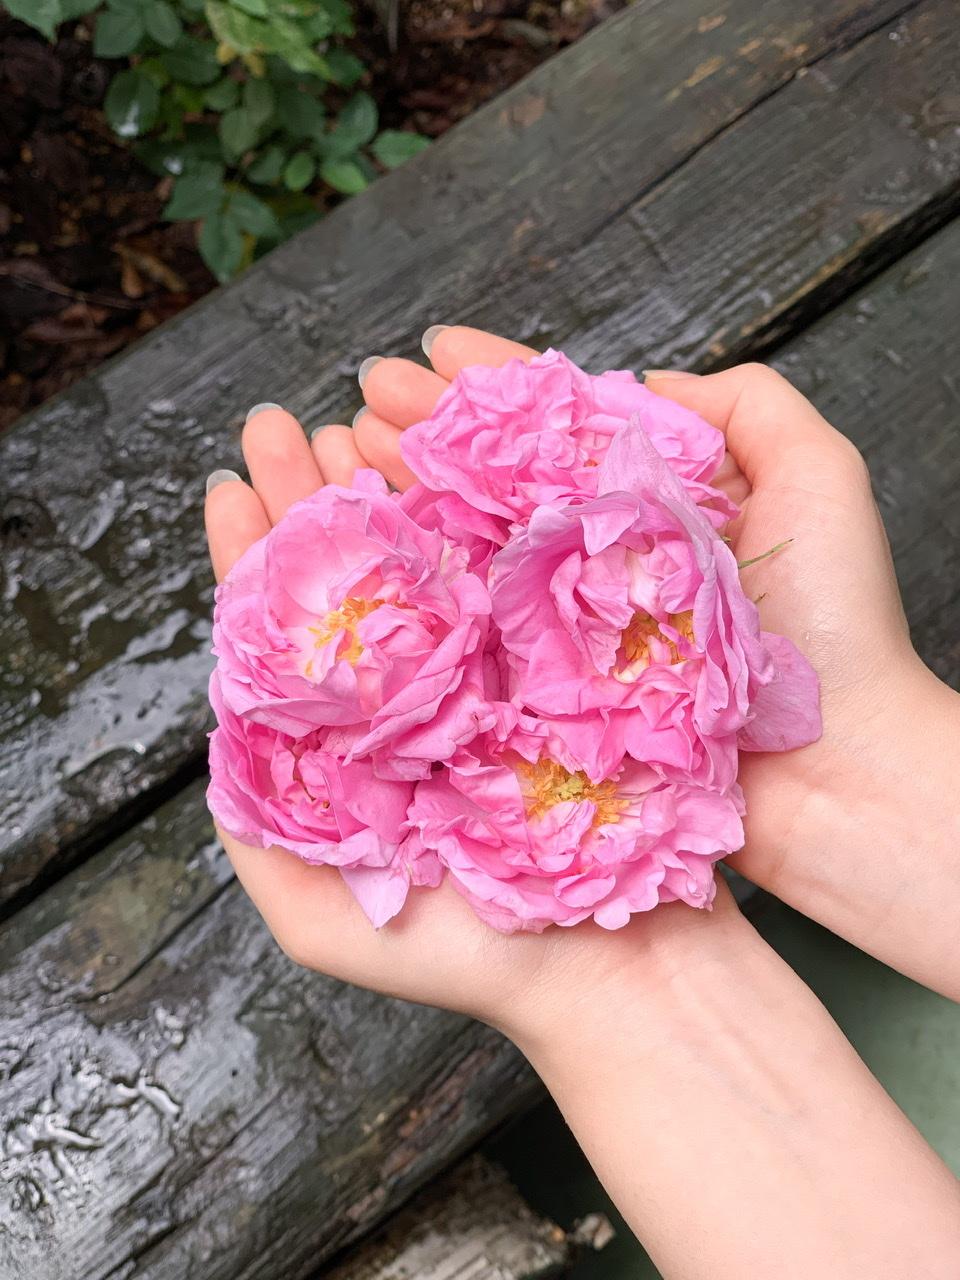 薔薇仕事④ 岩手県久慈市のダマスクローズ_e0404027_06463050.jpeg